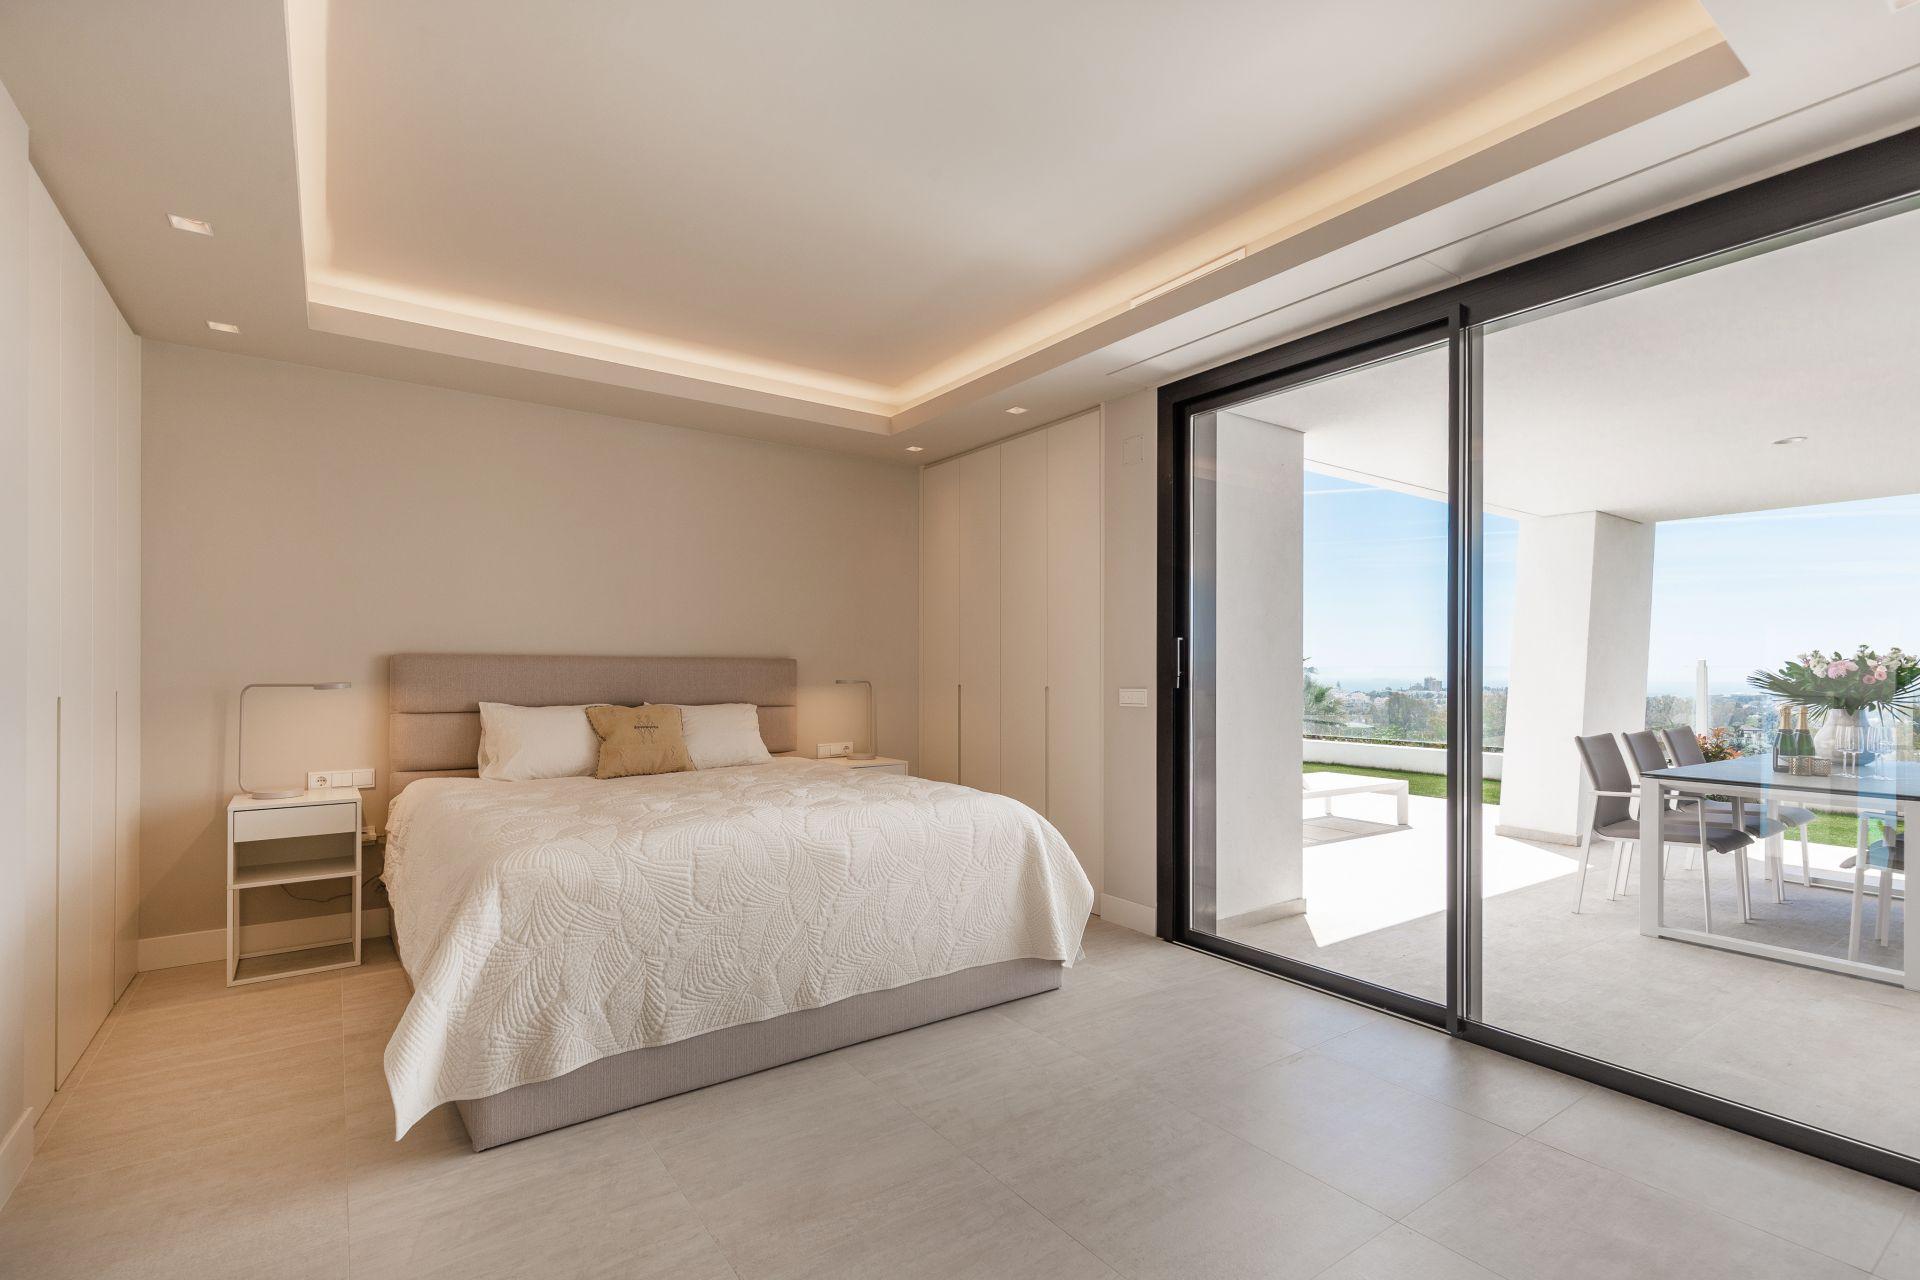 Ground Floor Apartment for rent in Nueva Andalucia, Marbella